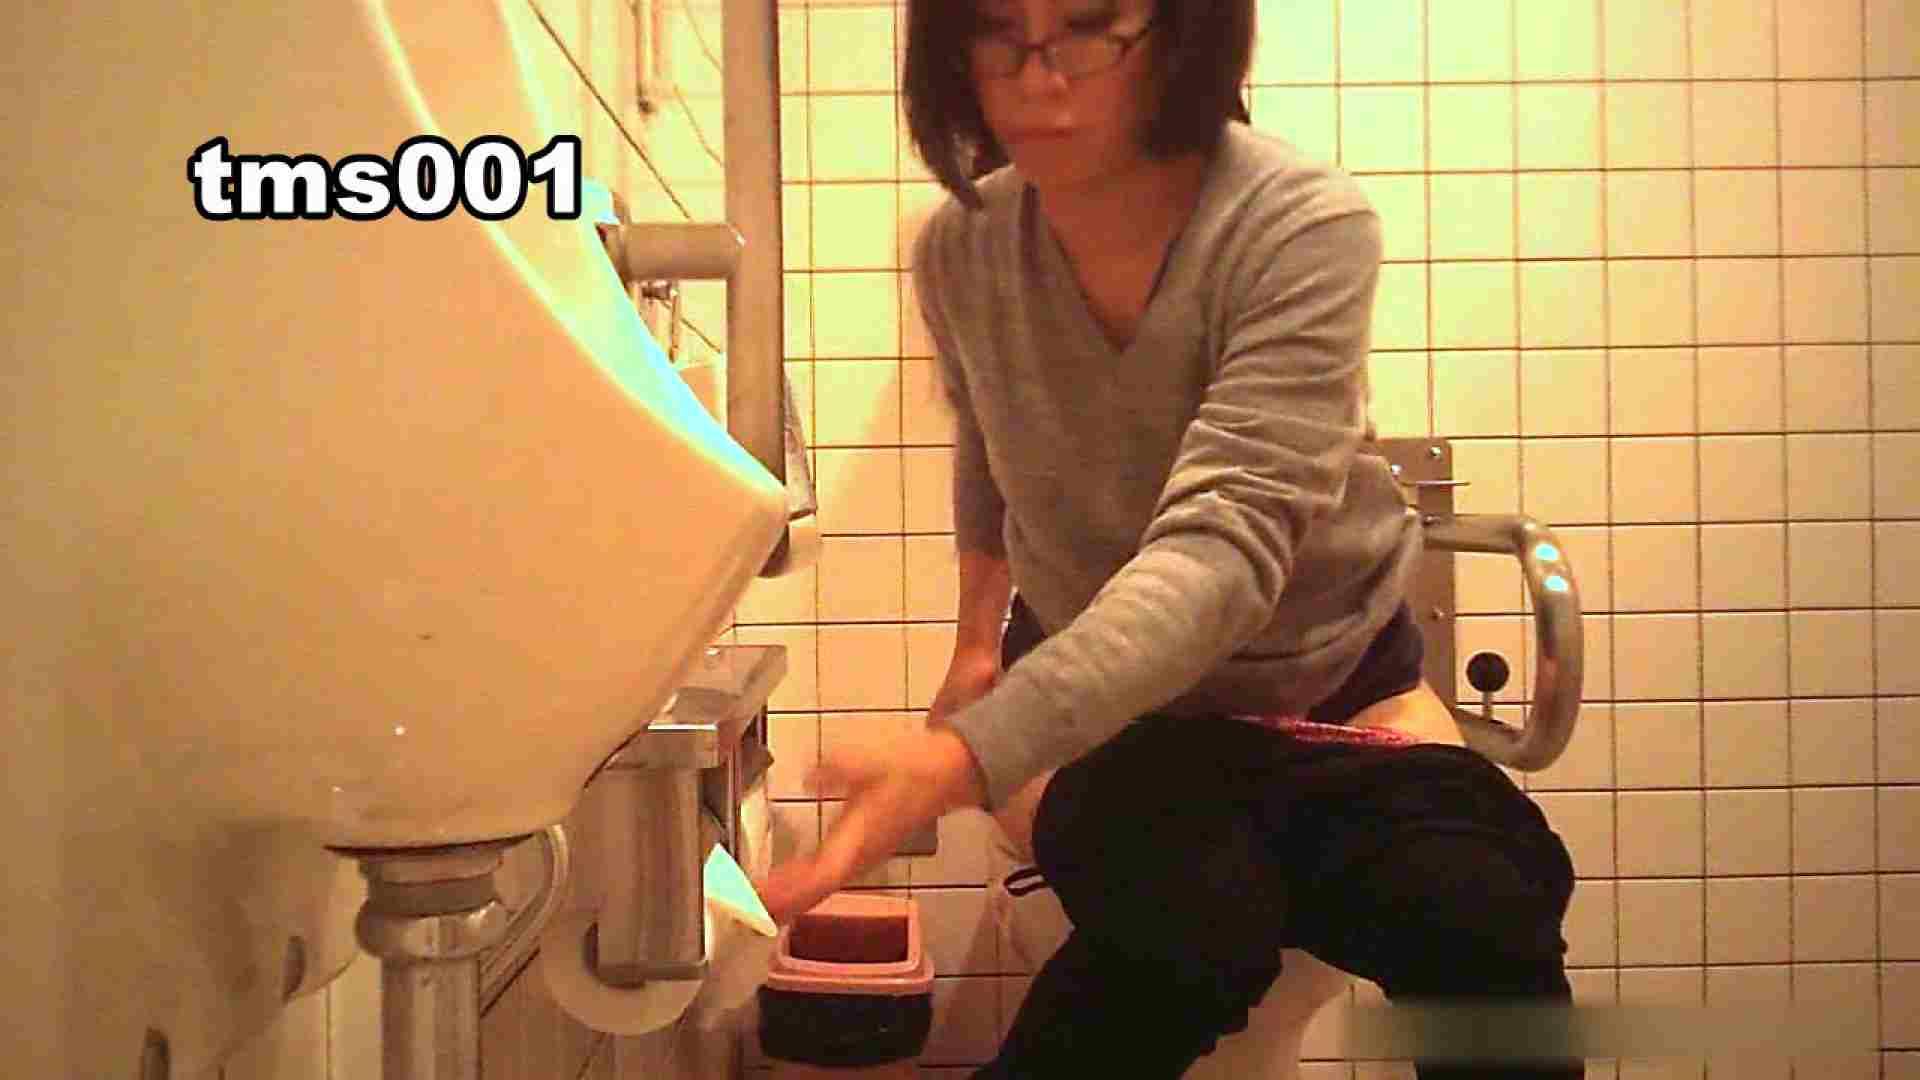 トイメンの割れ目 vol.001 洗面所シーン AV動画キャプチャ 91画像 9